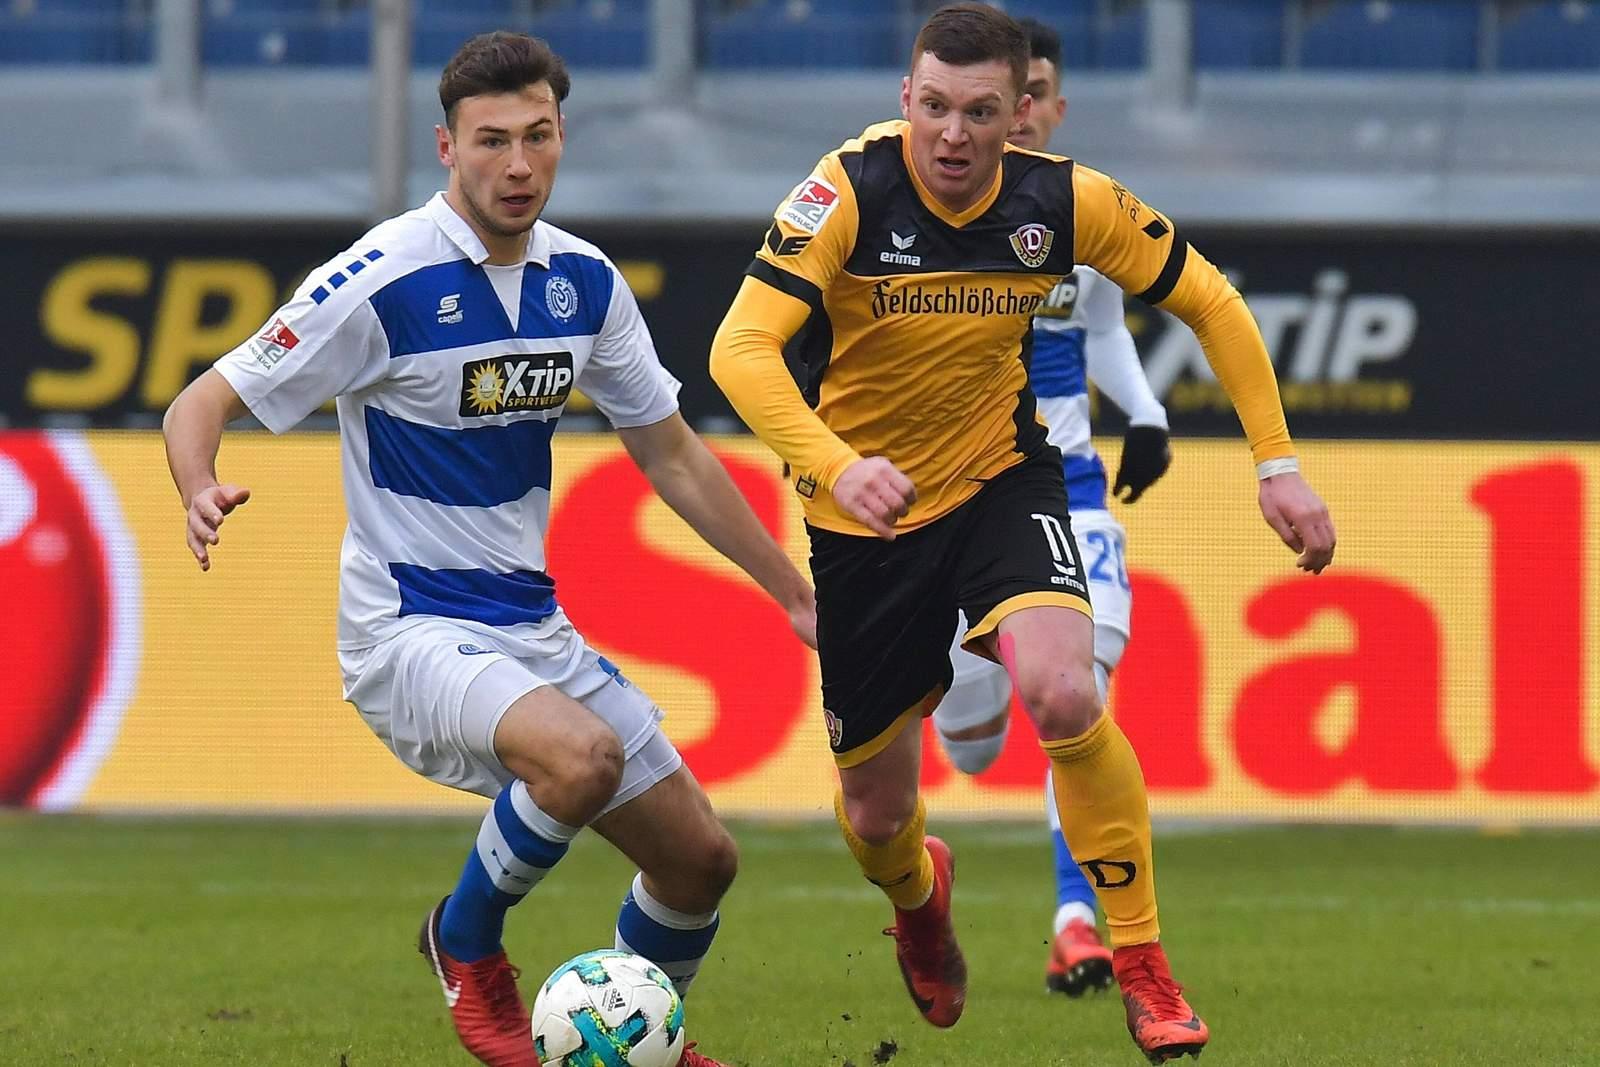 Haris Duljevic zieht gegen Lukas Fröde davon. Jetzt auf Dresden gegen Duisburg wetten.